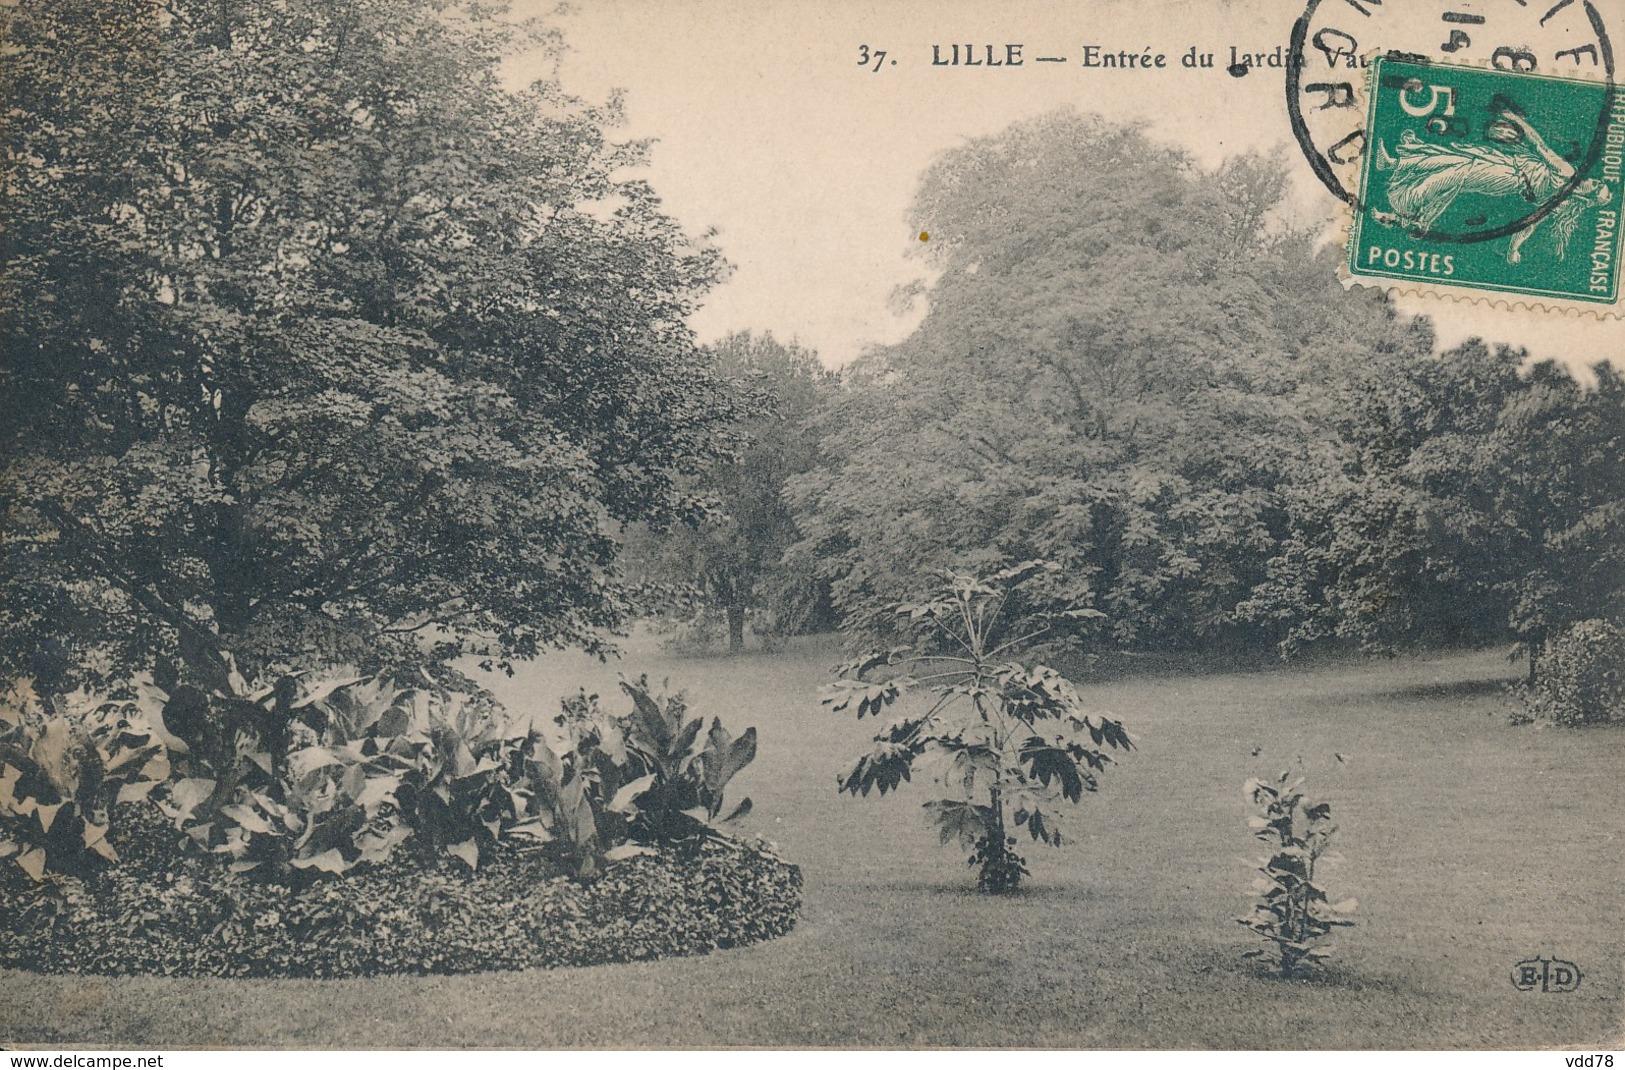 Lille Eld Petit Logo 37 Entréé Du Jardin Vauban - Lille